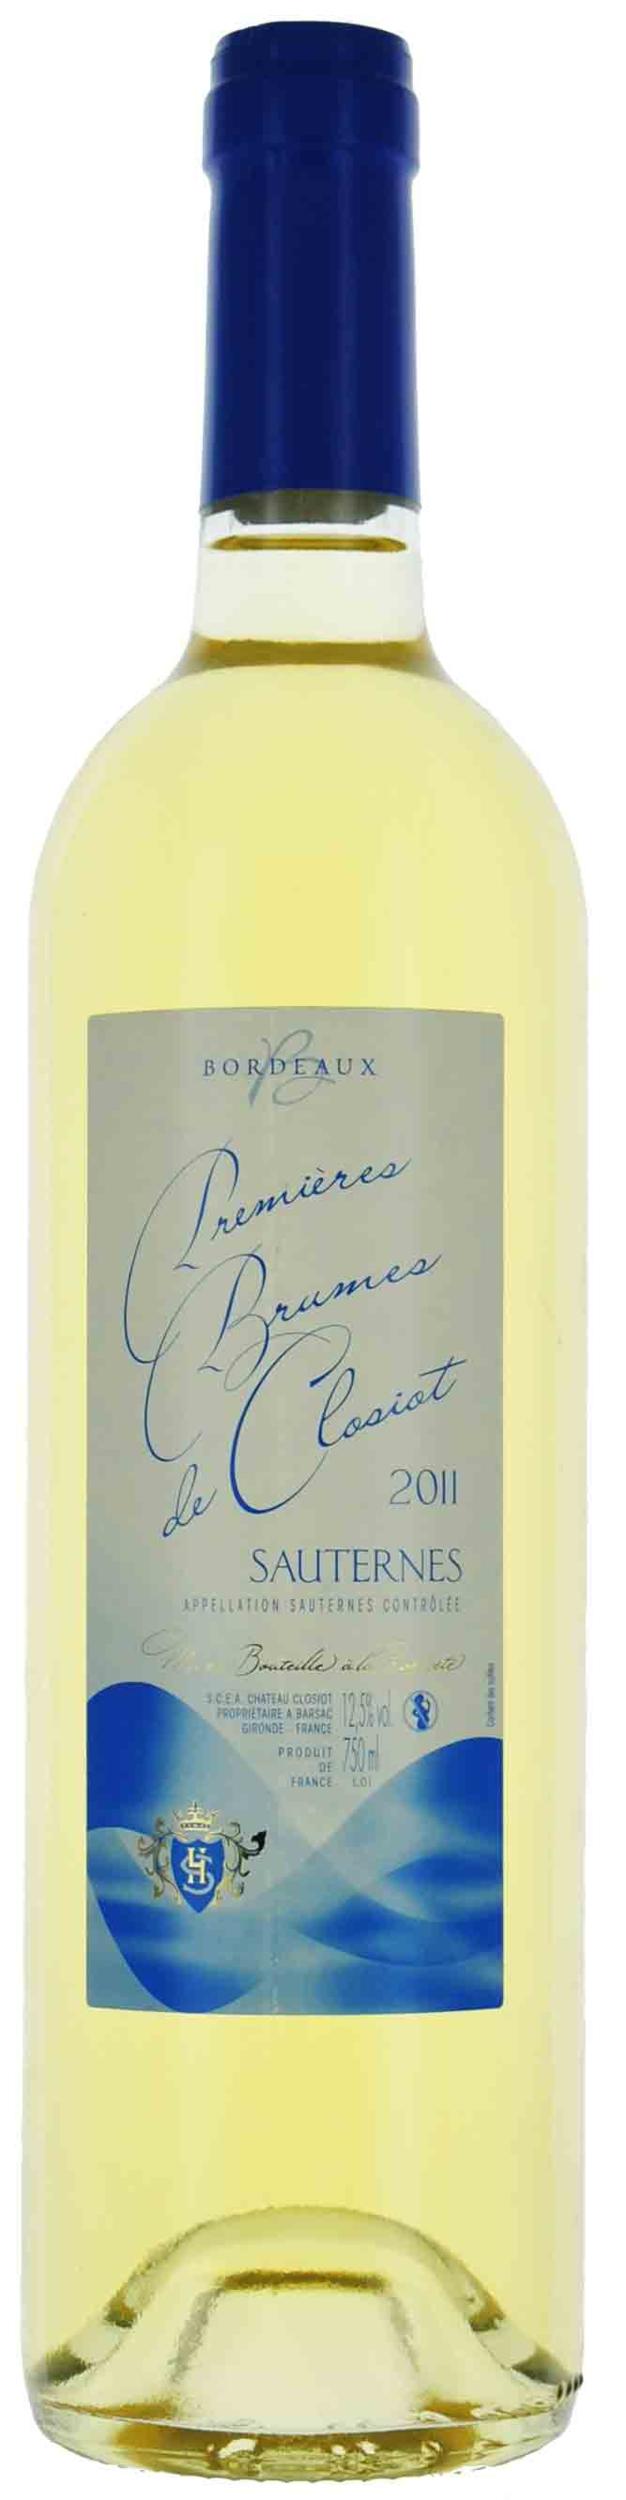 Sauternes - Premieres Brumes de Closiot - Château Closiot - 2016